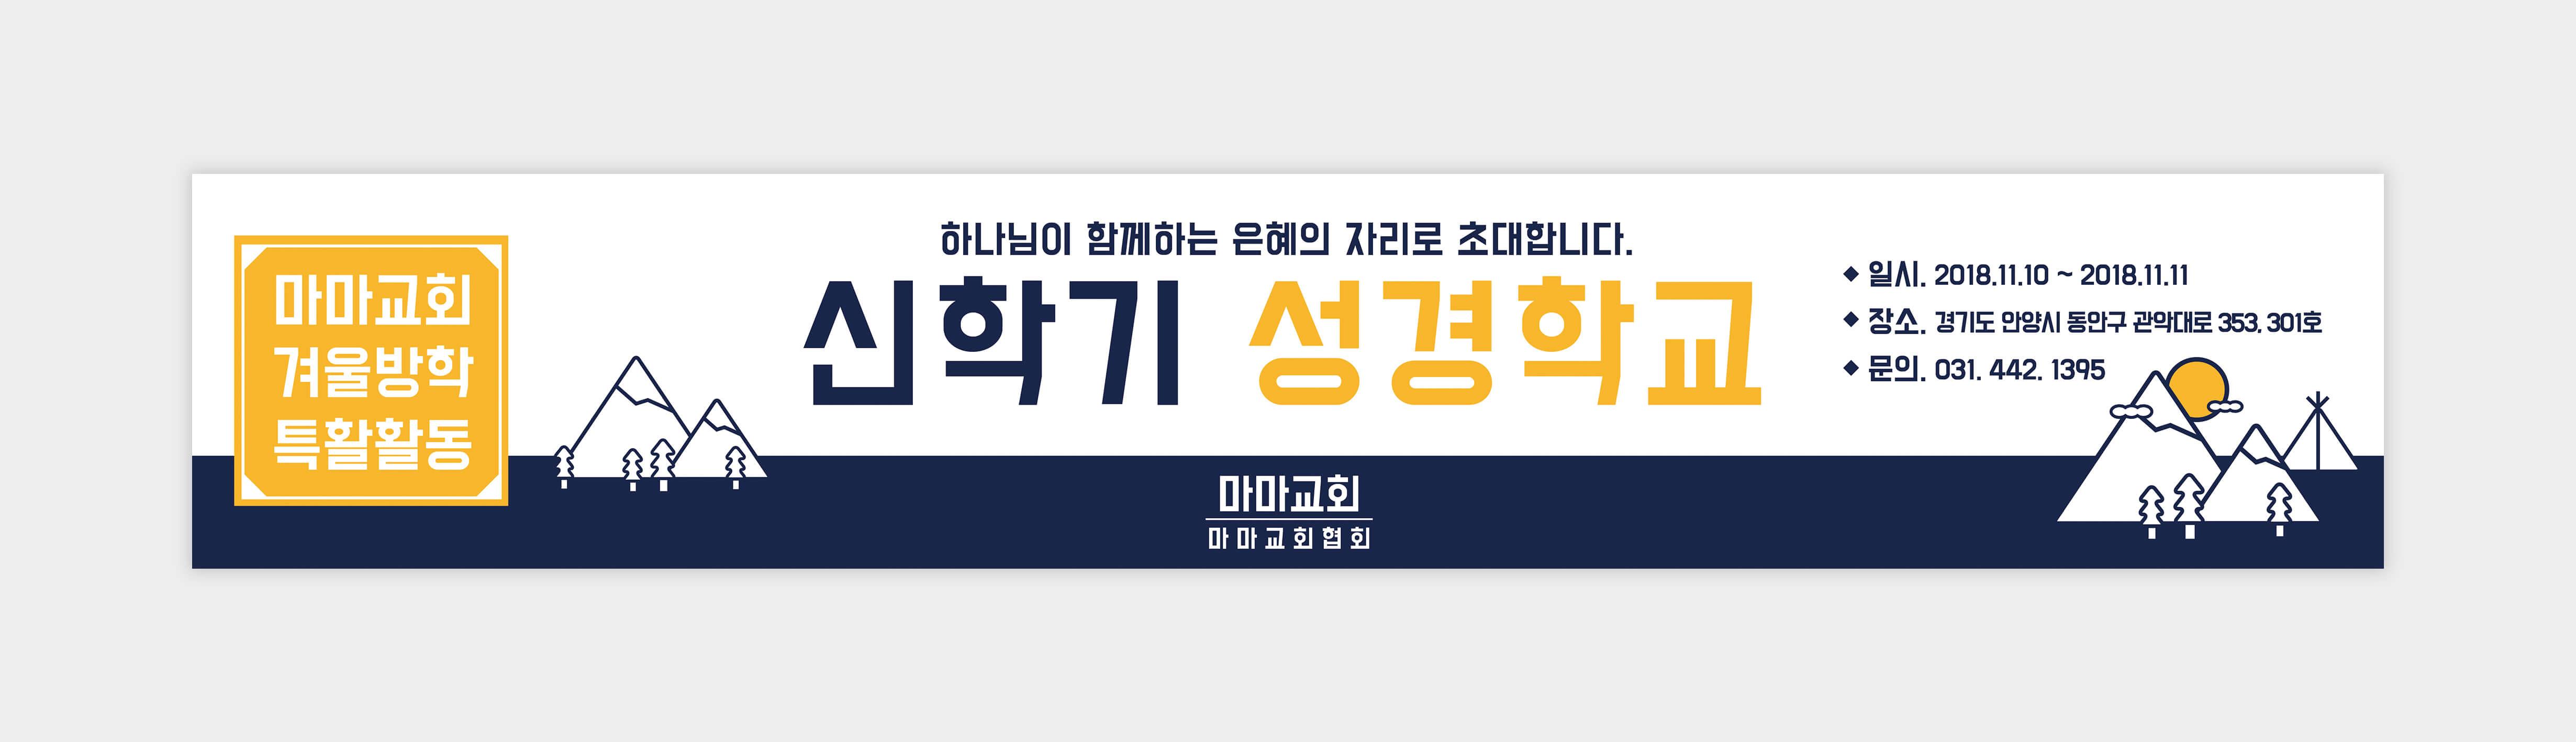 현수막_004